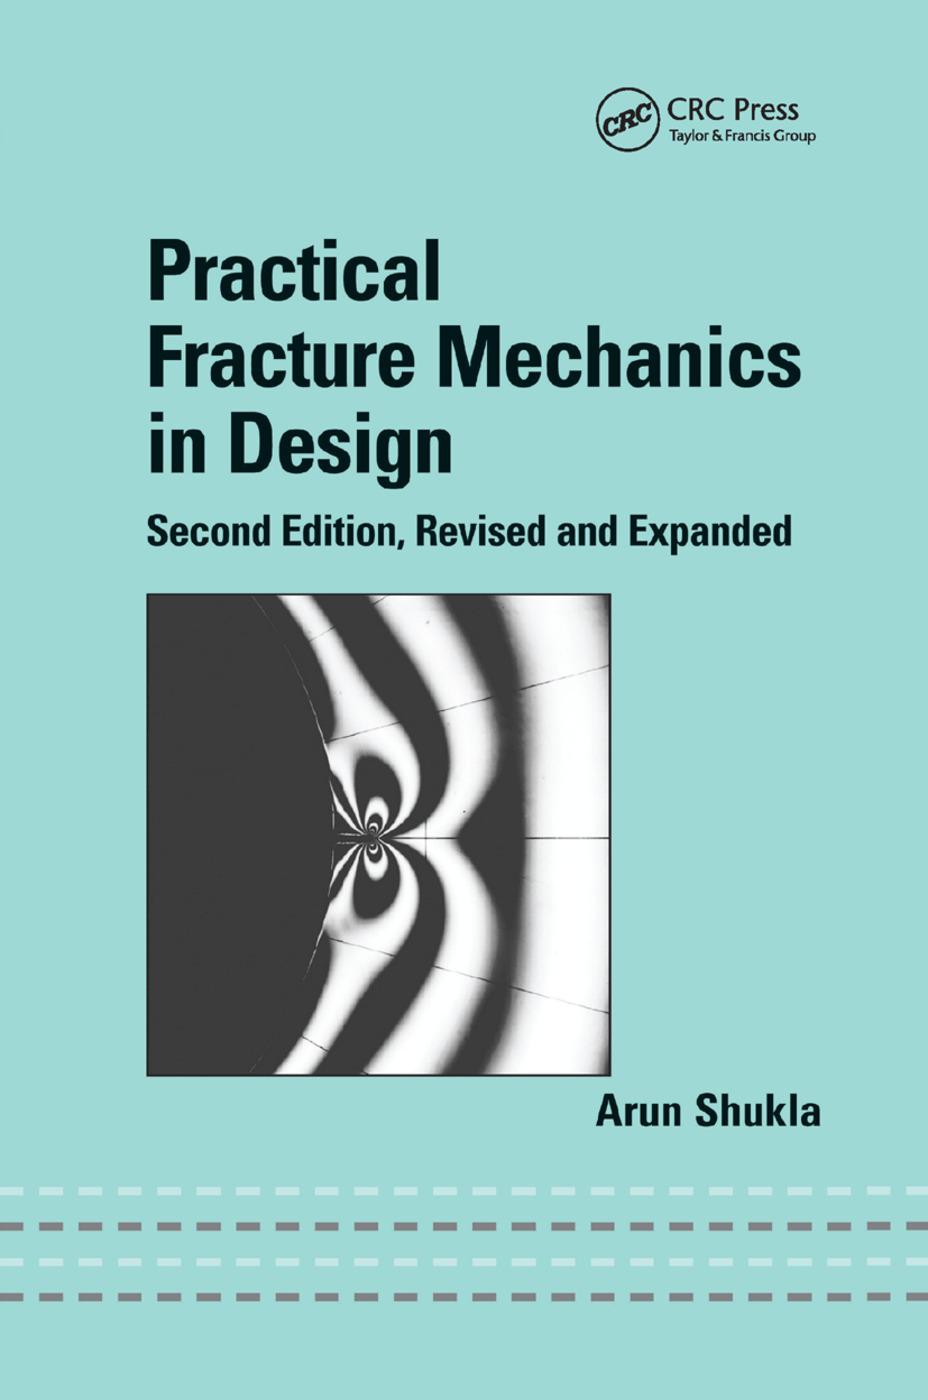 Practical Fracture Mechanics in Design